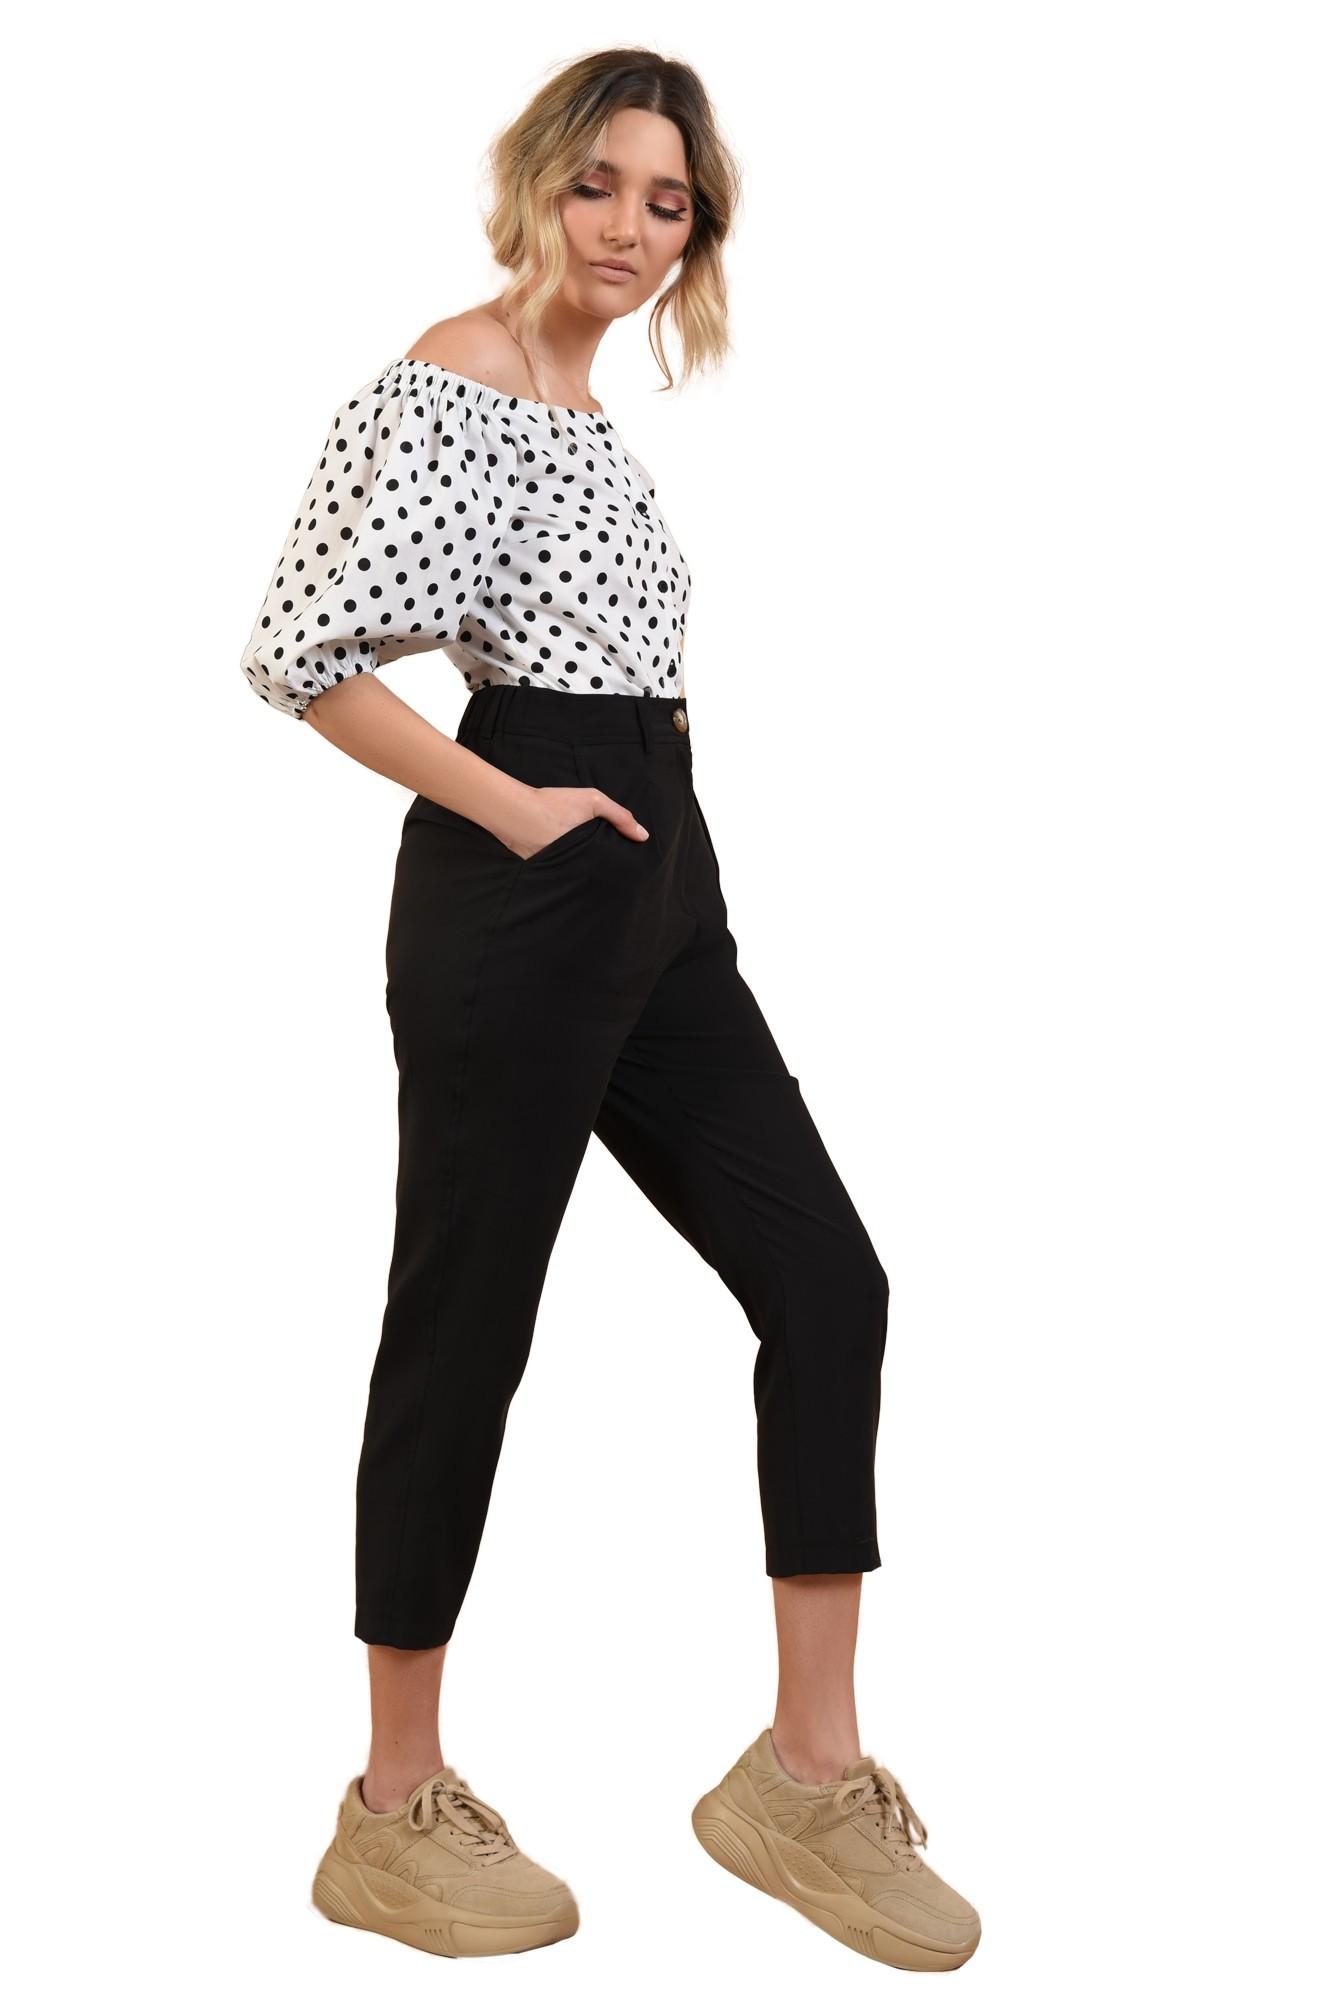 0 - pantaloni casual, conici, cu pense, negru, cu buzunare